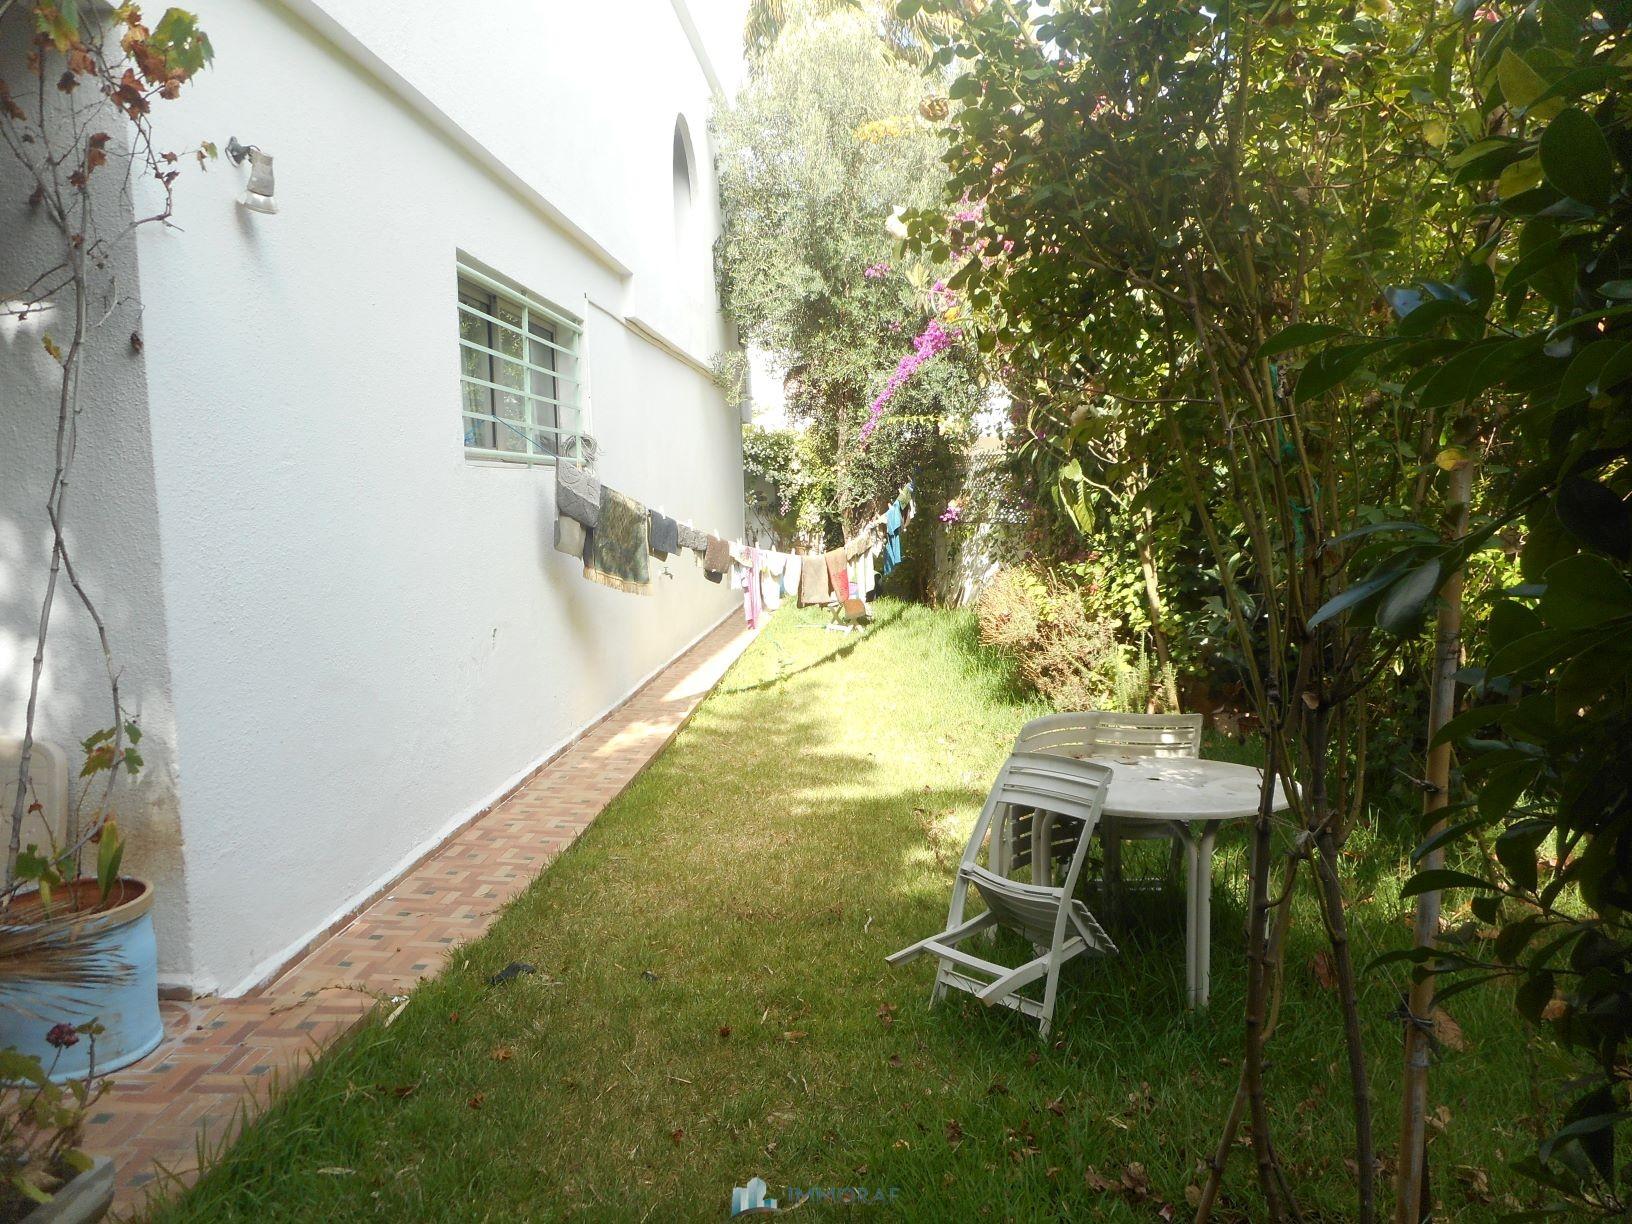 Vente villa triplex quarier El Manar Anfa Casablanca